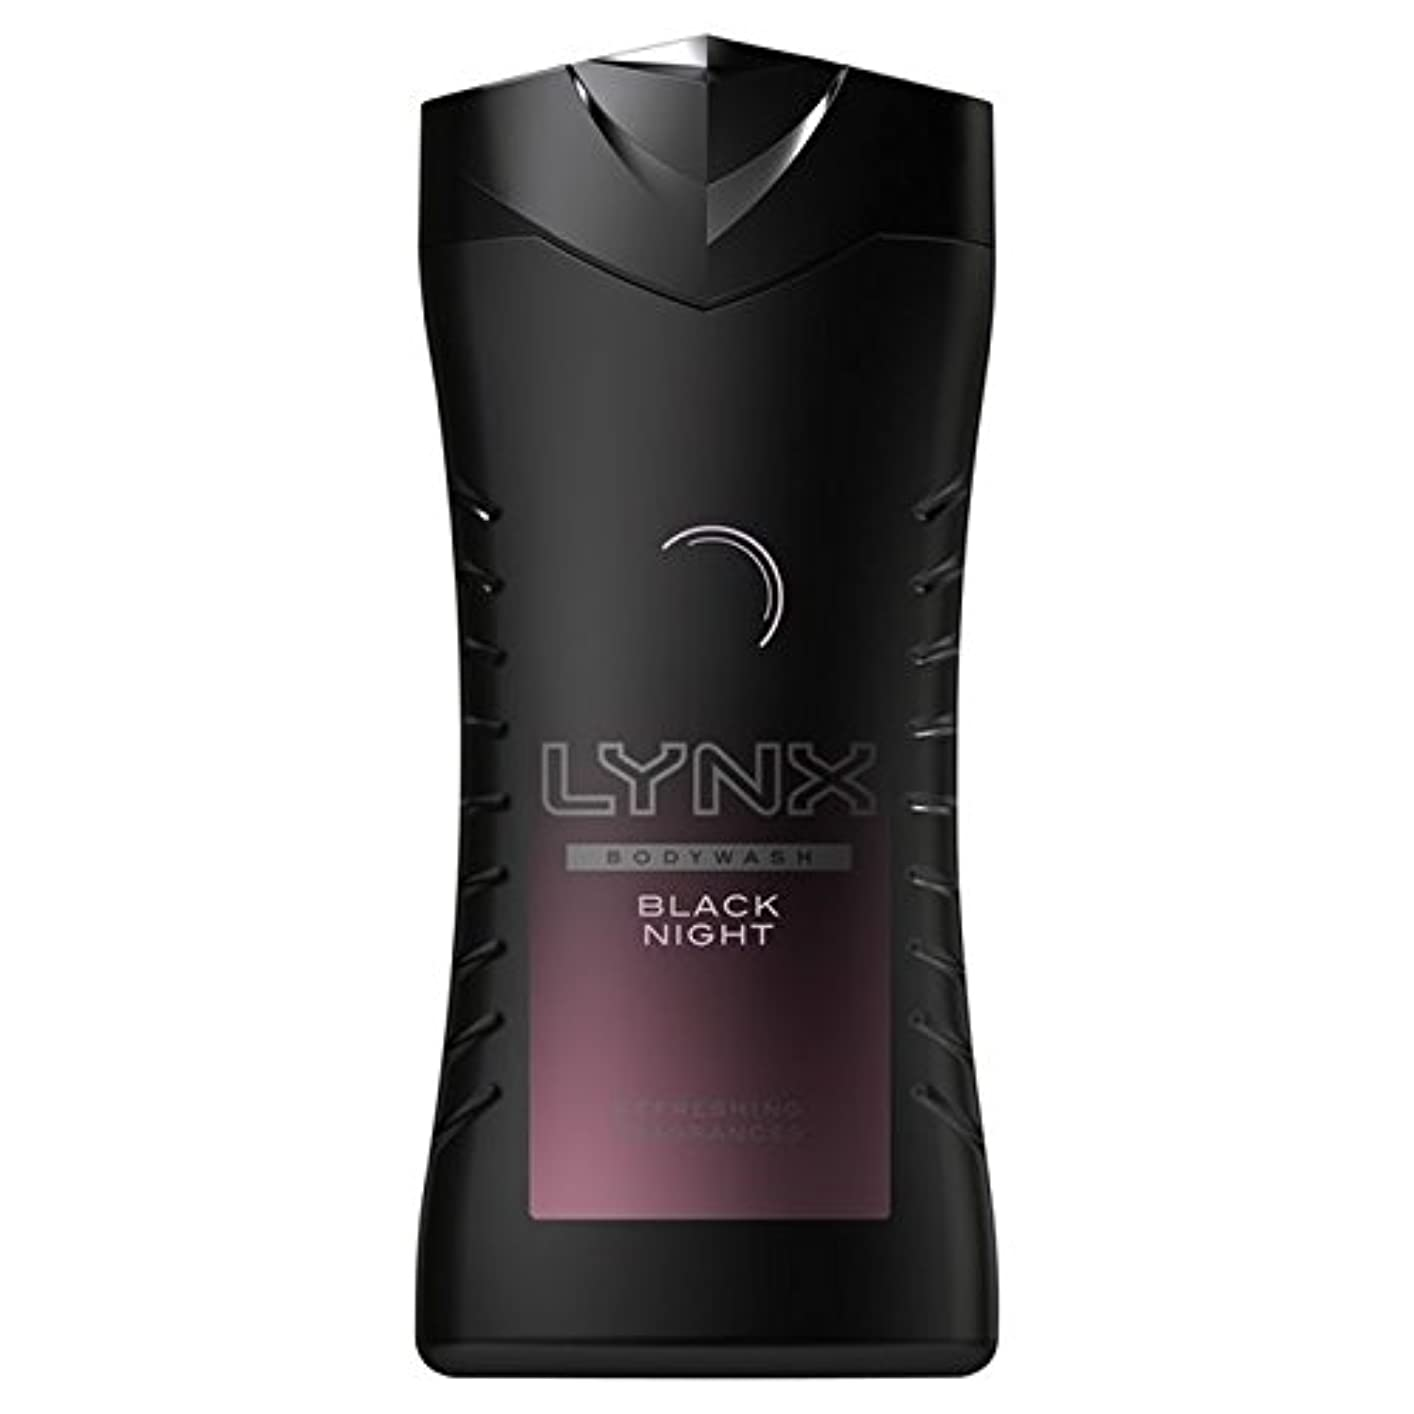 作物未払い繰り返しオオヤマネコ黒夜シャワージェル250ミリリットル x2 - Lynx Black Night Shower Gel 250ml (Pack of 2) [並行輸入品]